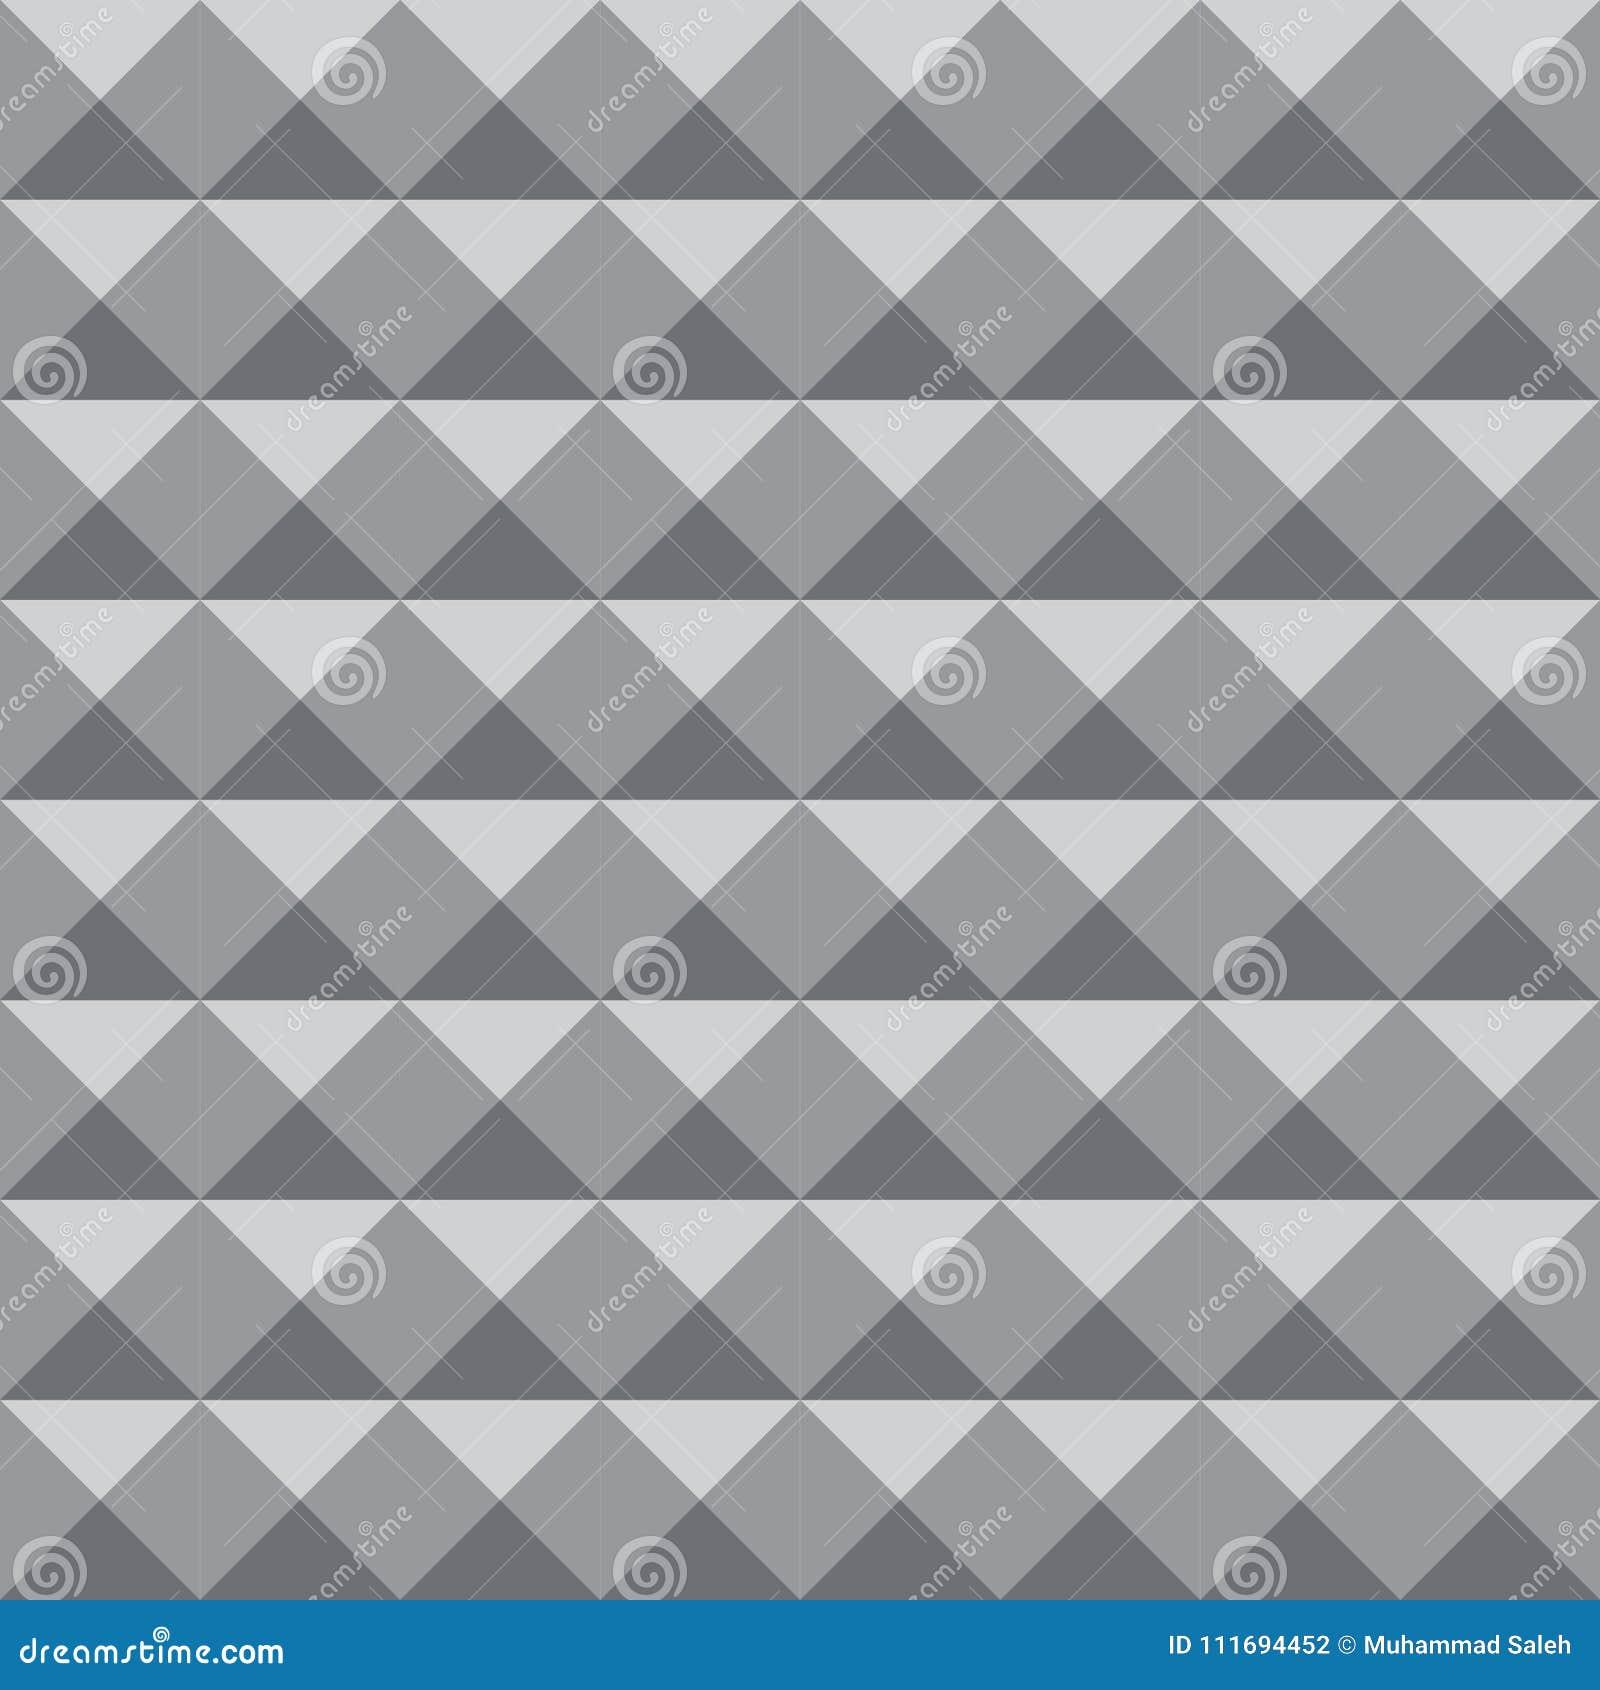 Geometrische patroonachtergrond met grijze kleur voor ontwerp of achtergronddoeleinden